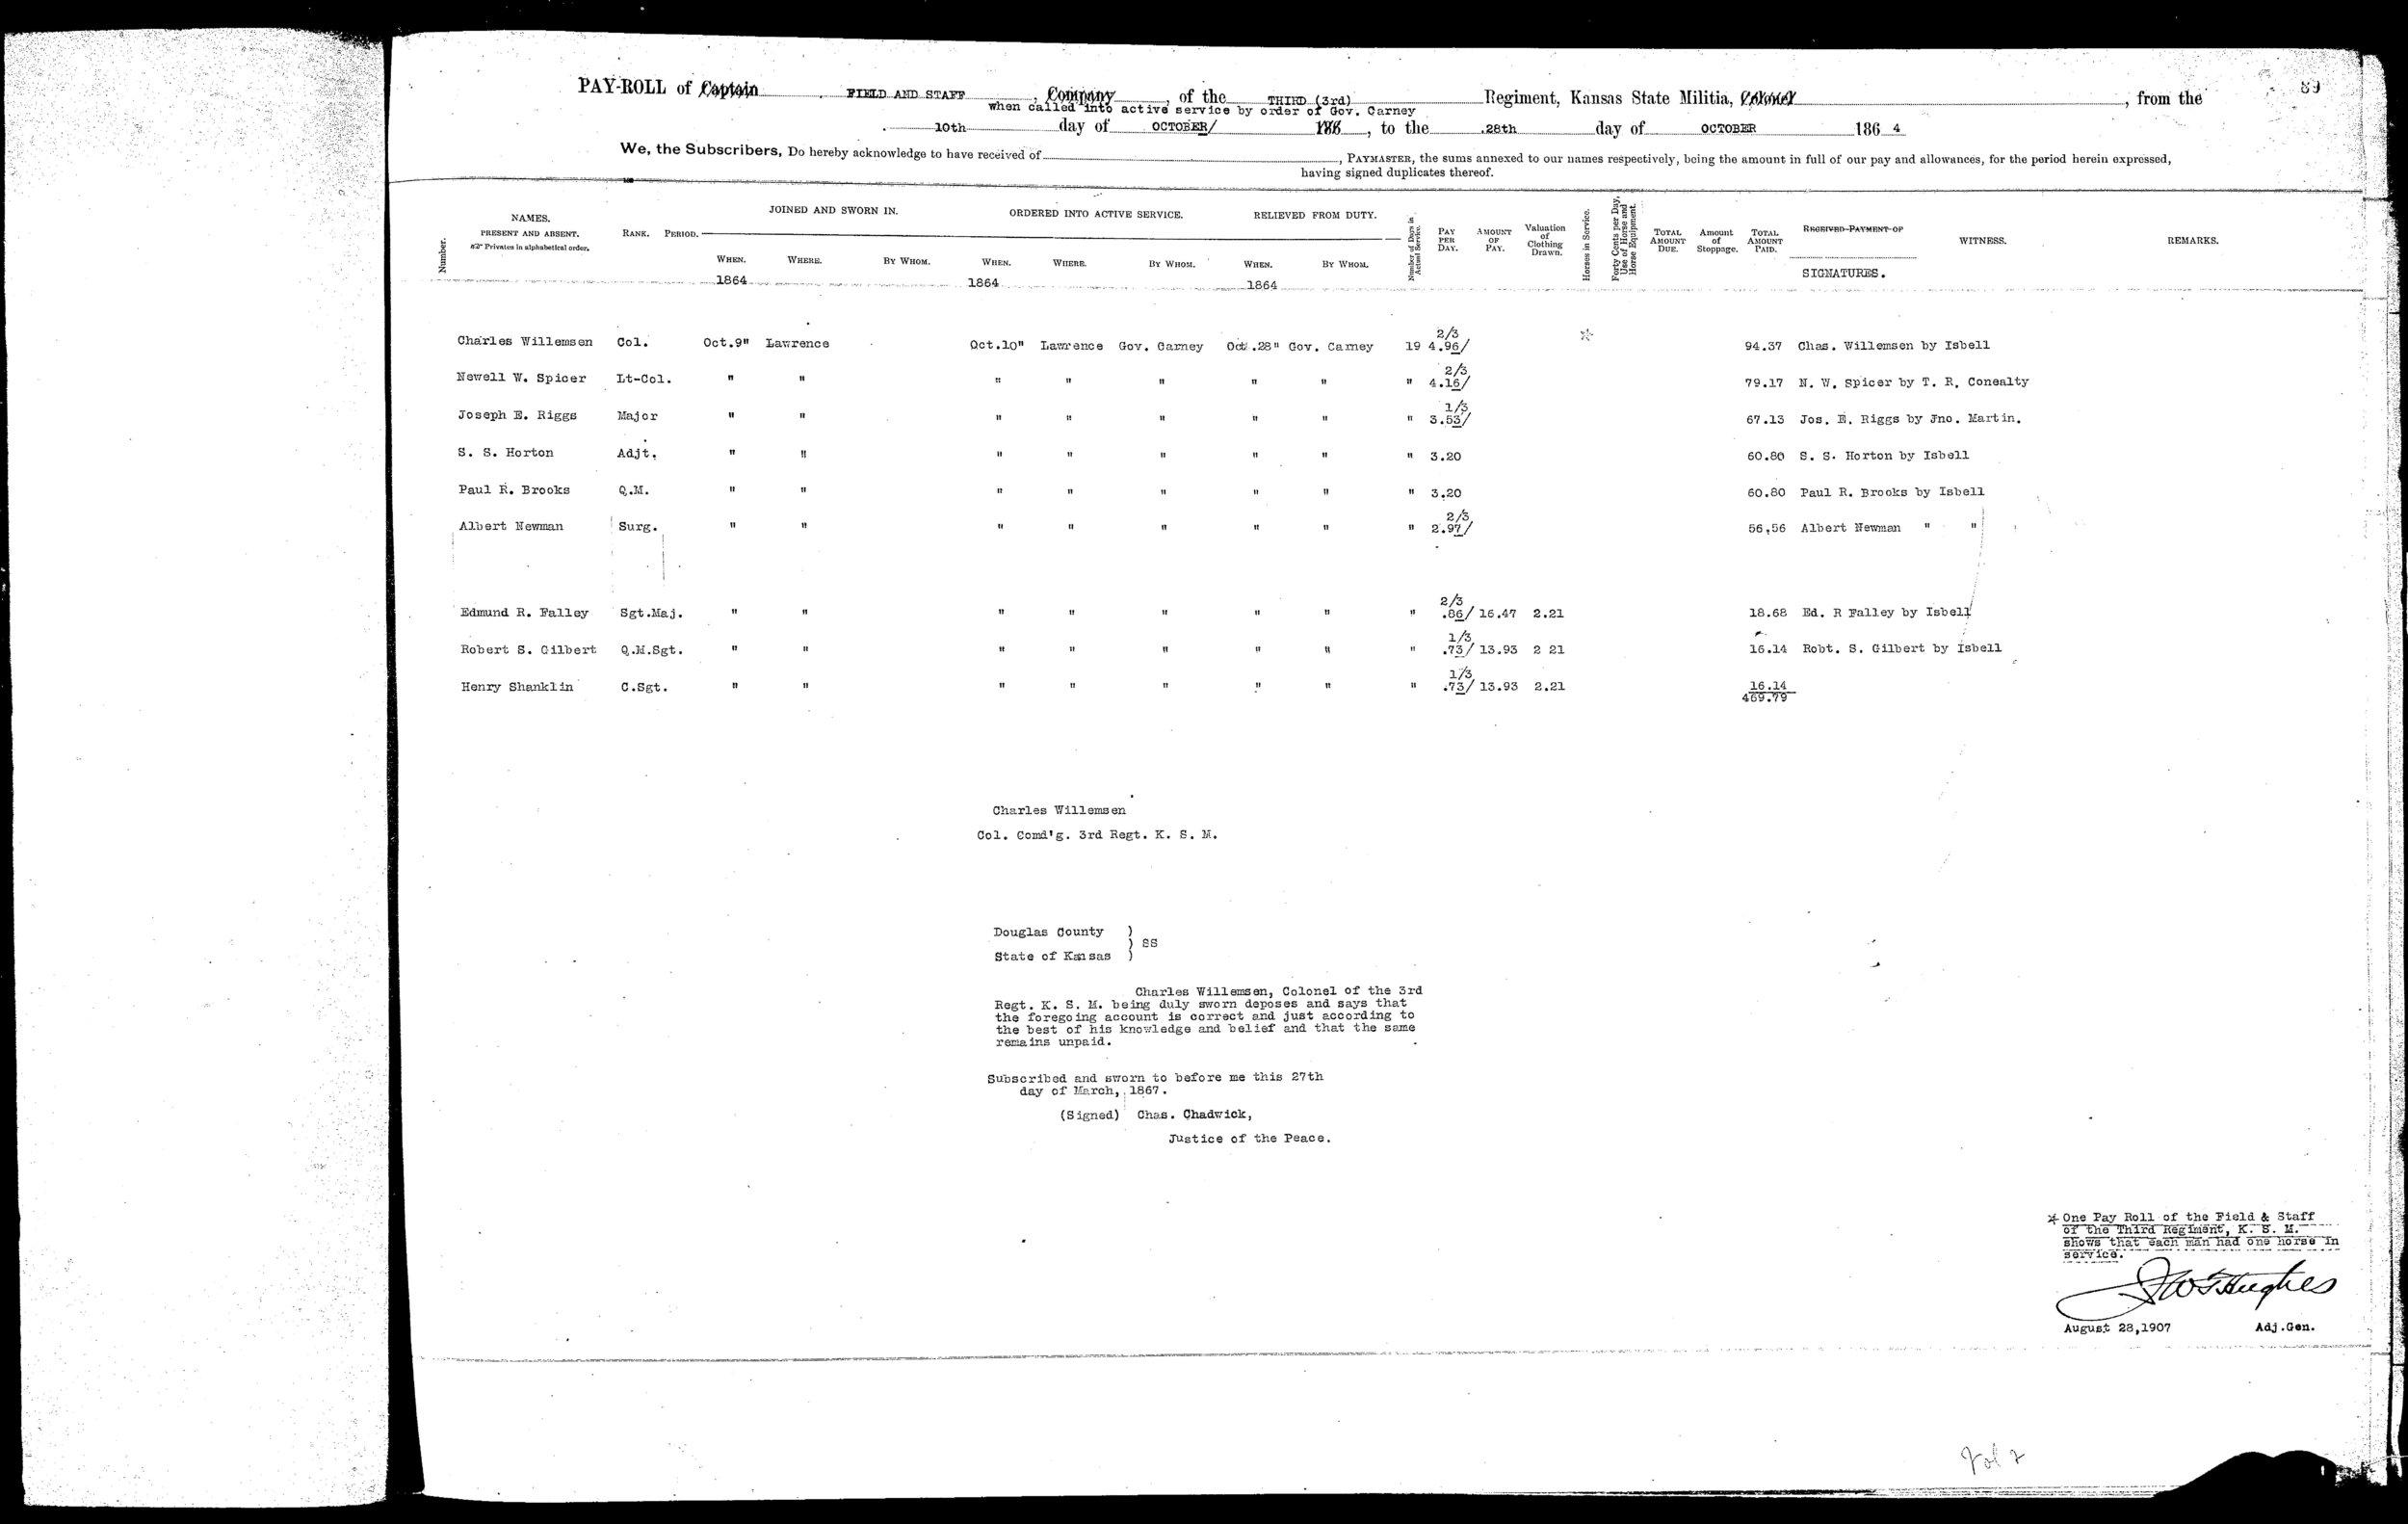 Muster rolls, Kansas State Militia, volume 2 - 5